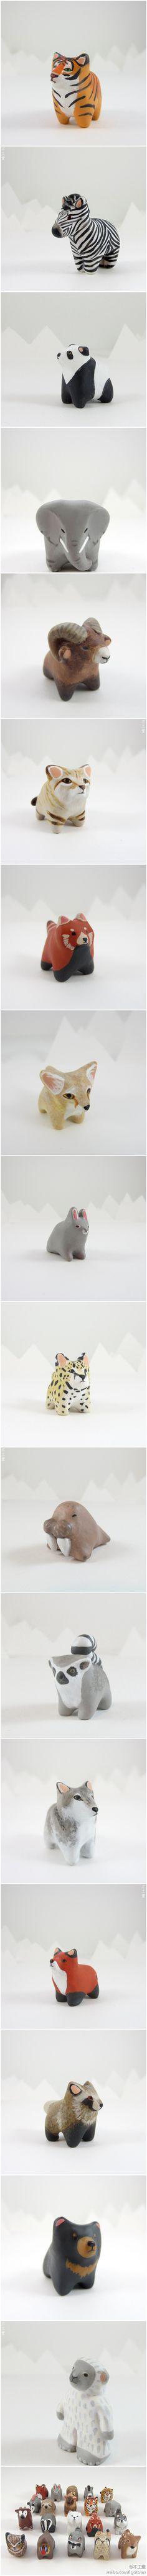 animals figurine